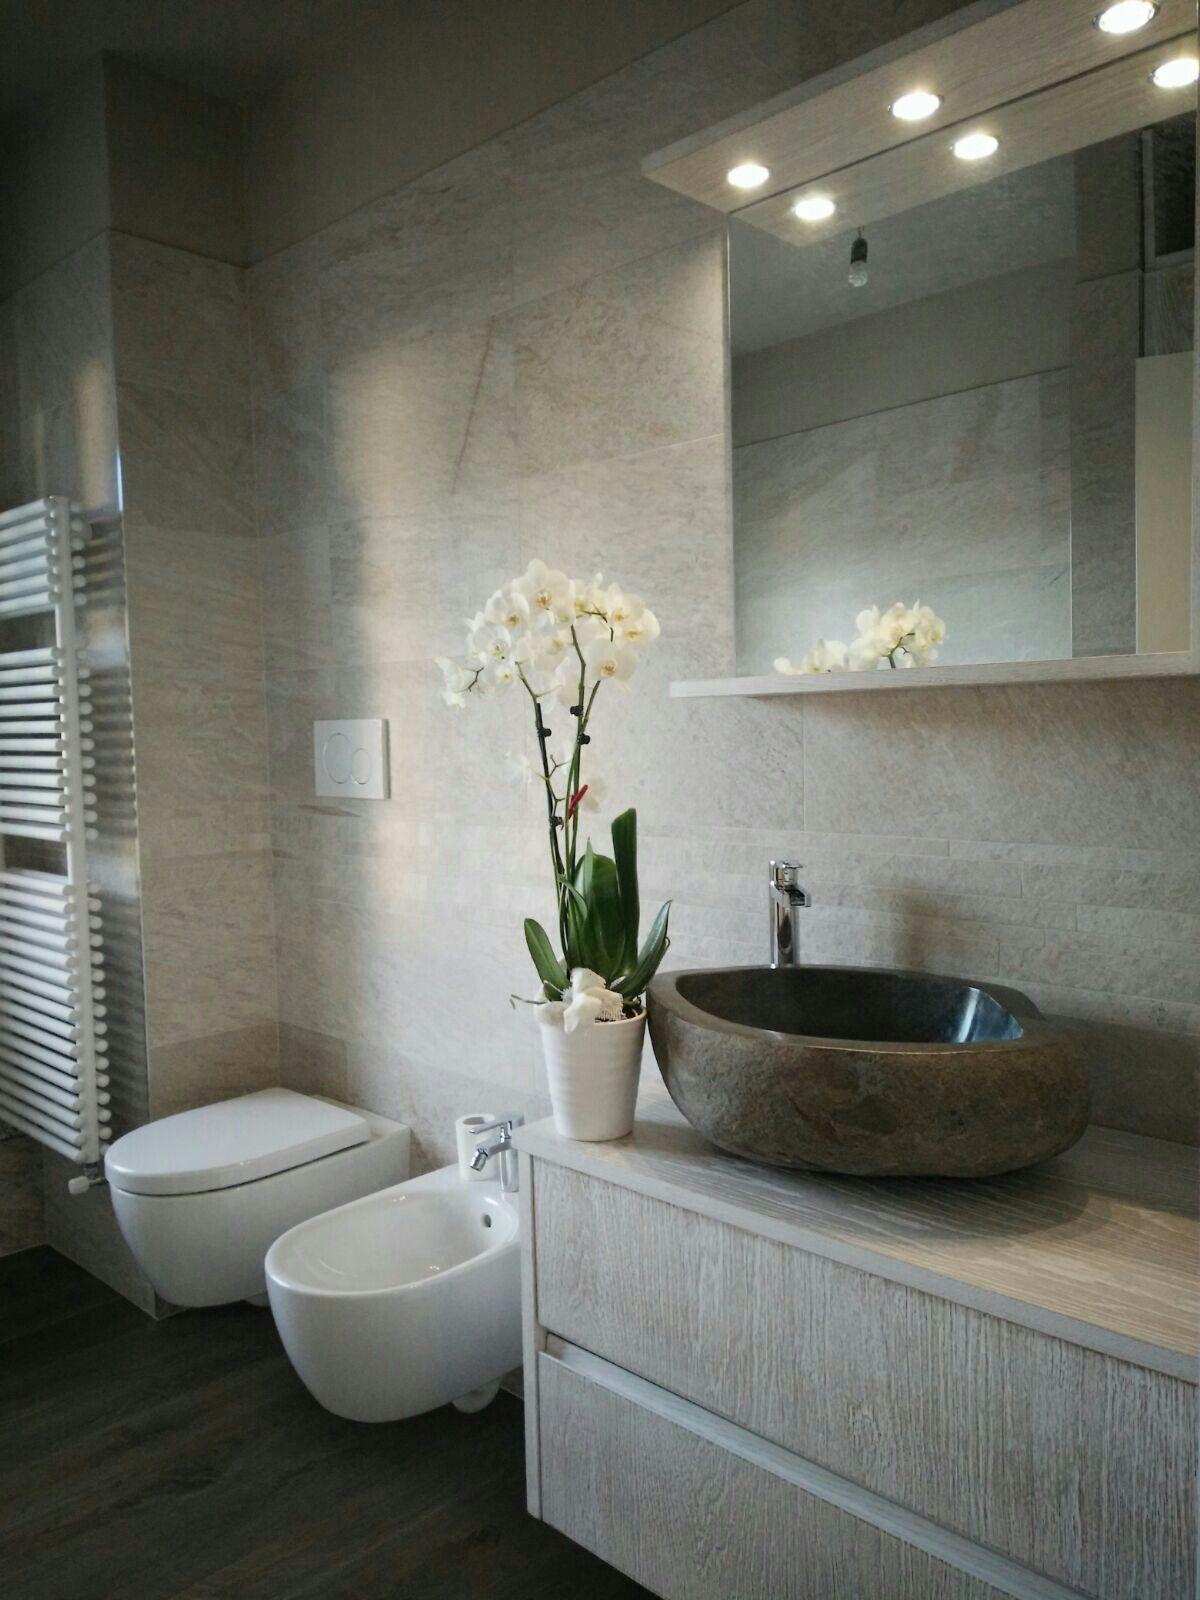 Bagno moderno con lavabo in pietra naturale Arredamento